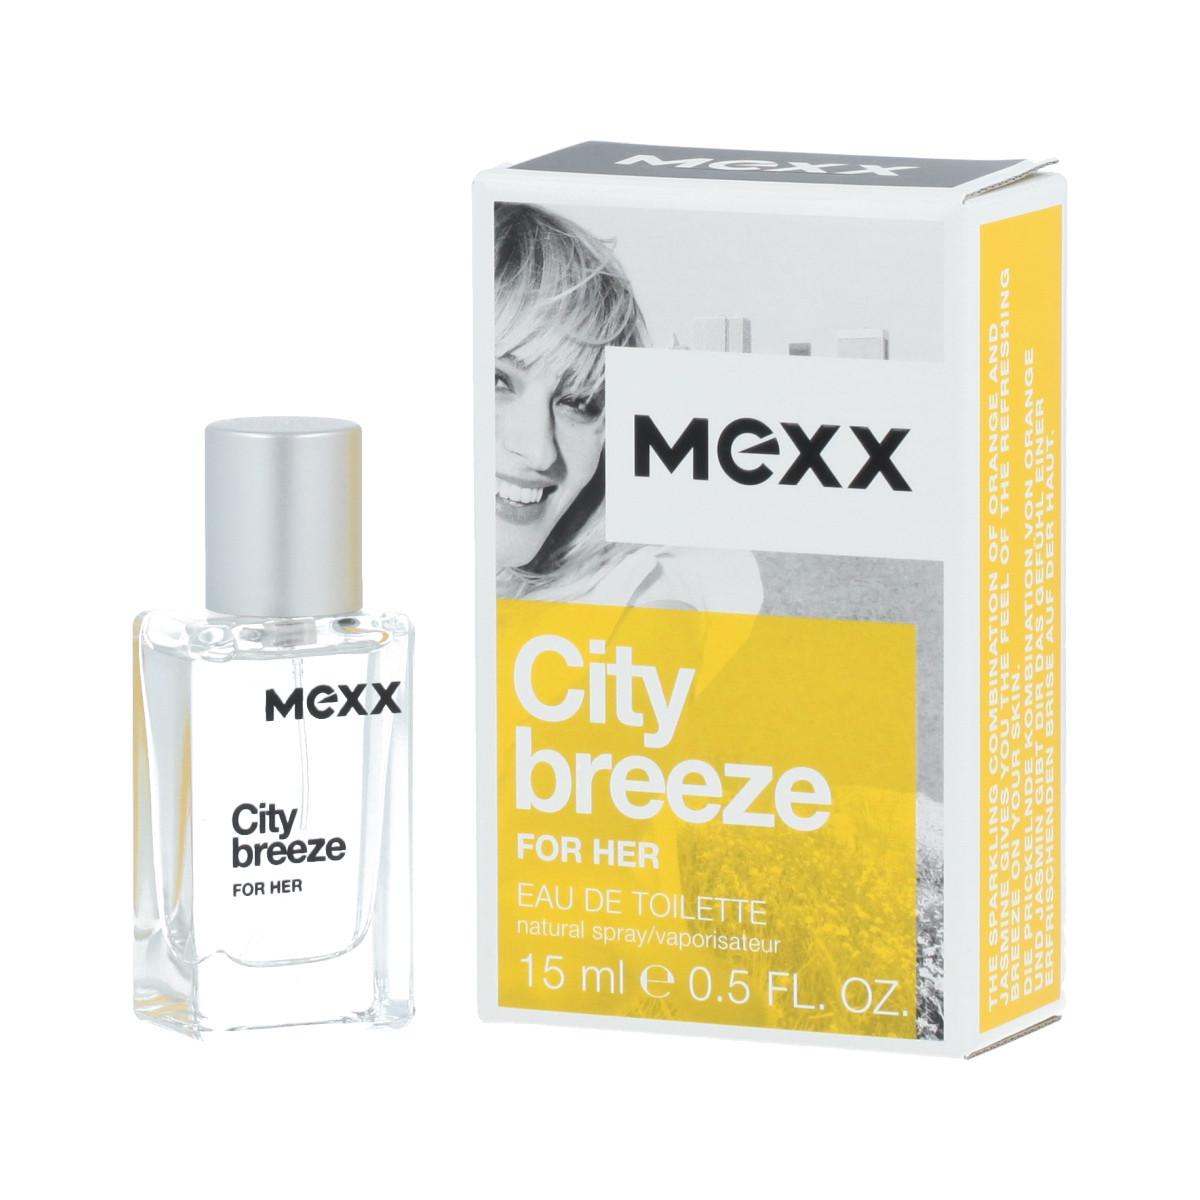 0997cbc5b8a Mexx City Breeze For Her Eau De Toilette 15 ml (woman) - City Breeze ...